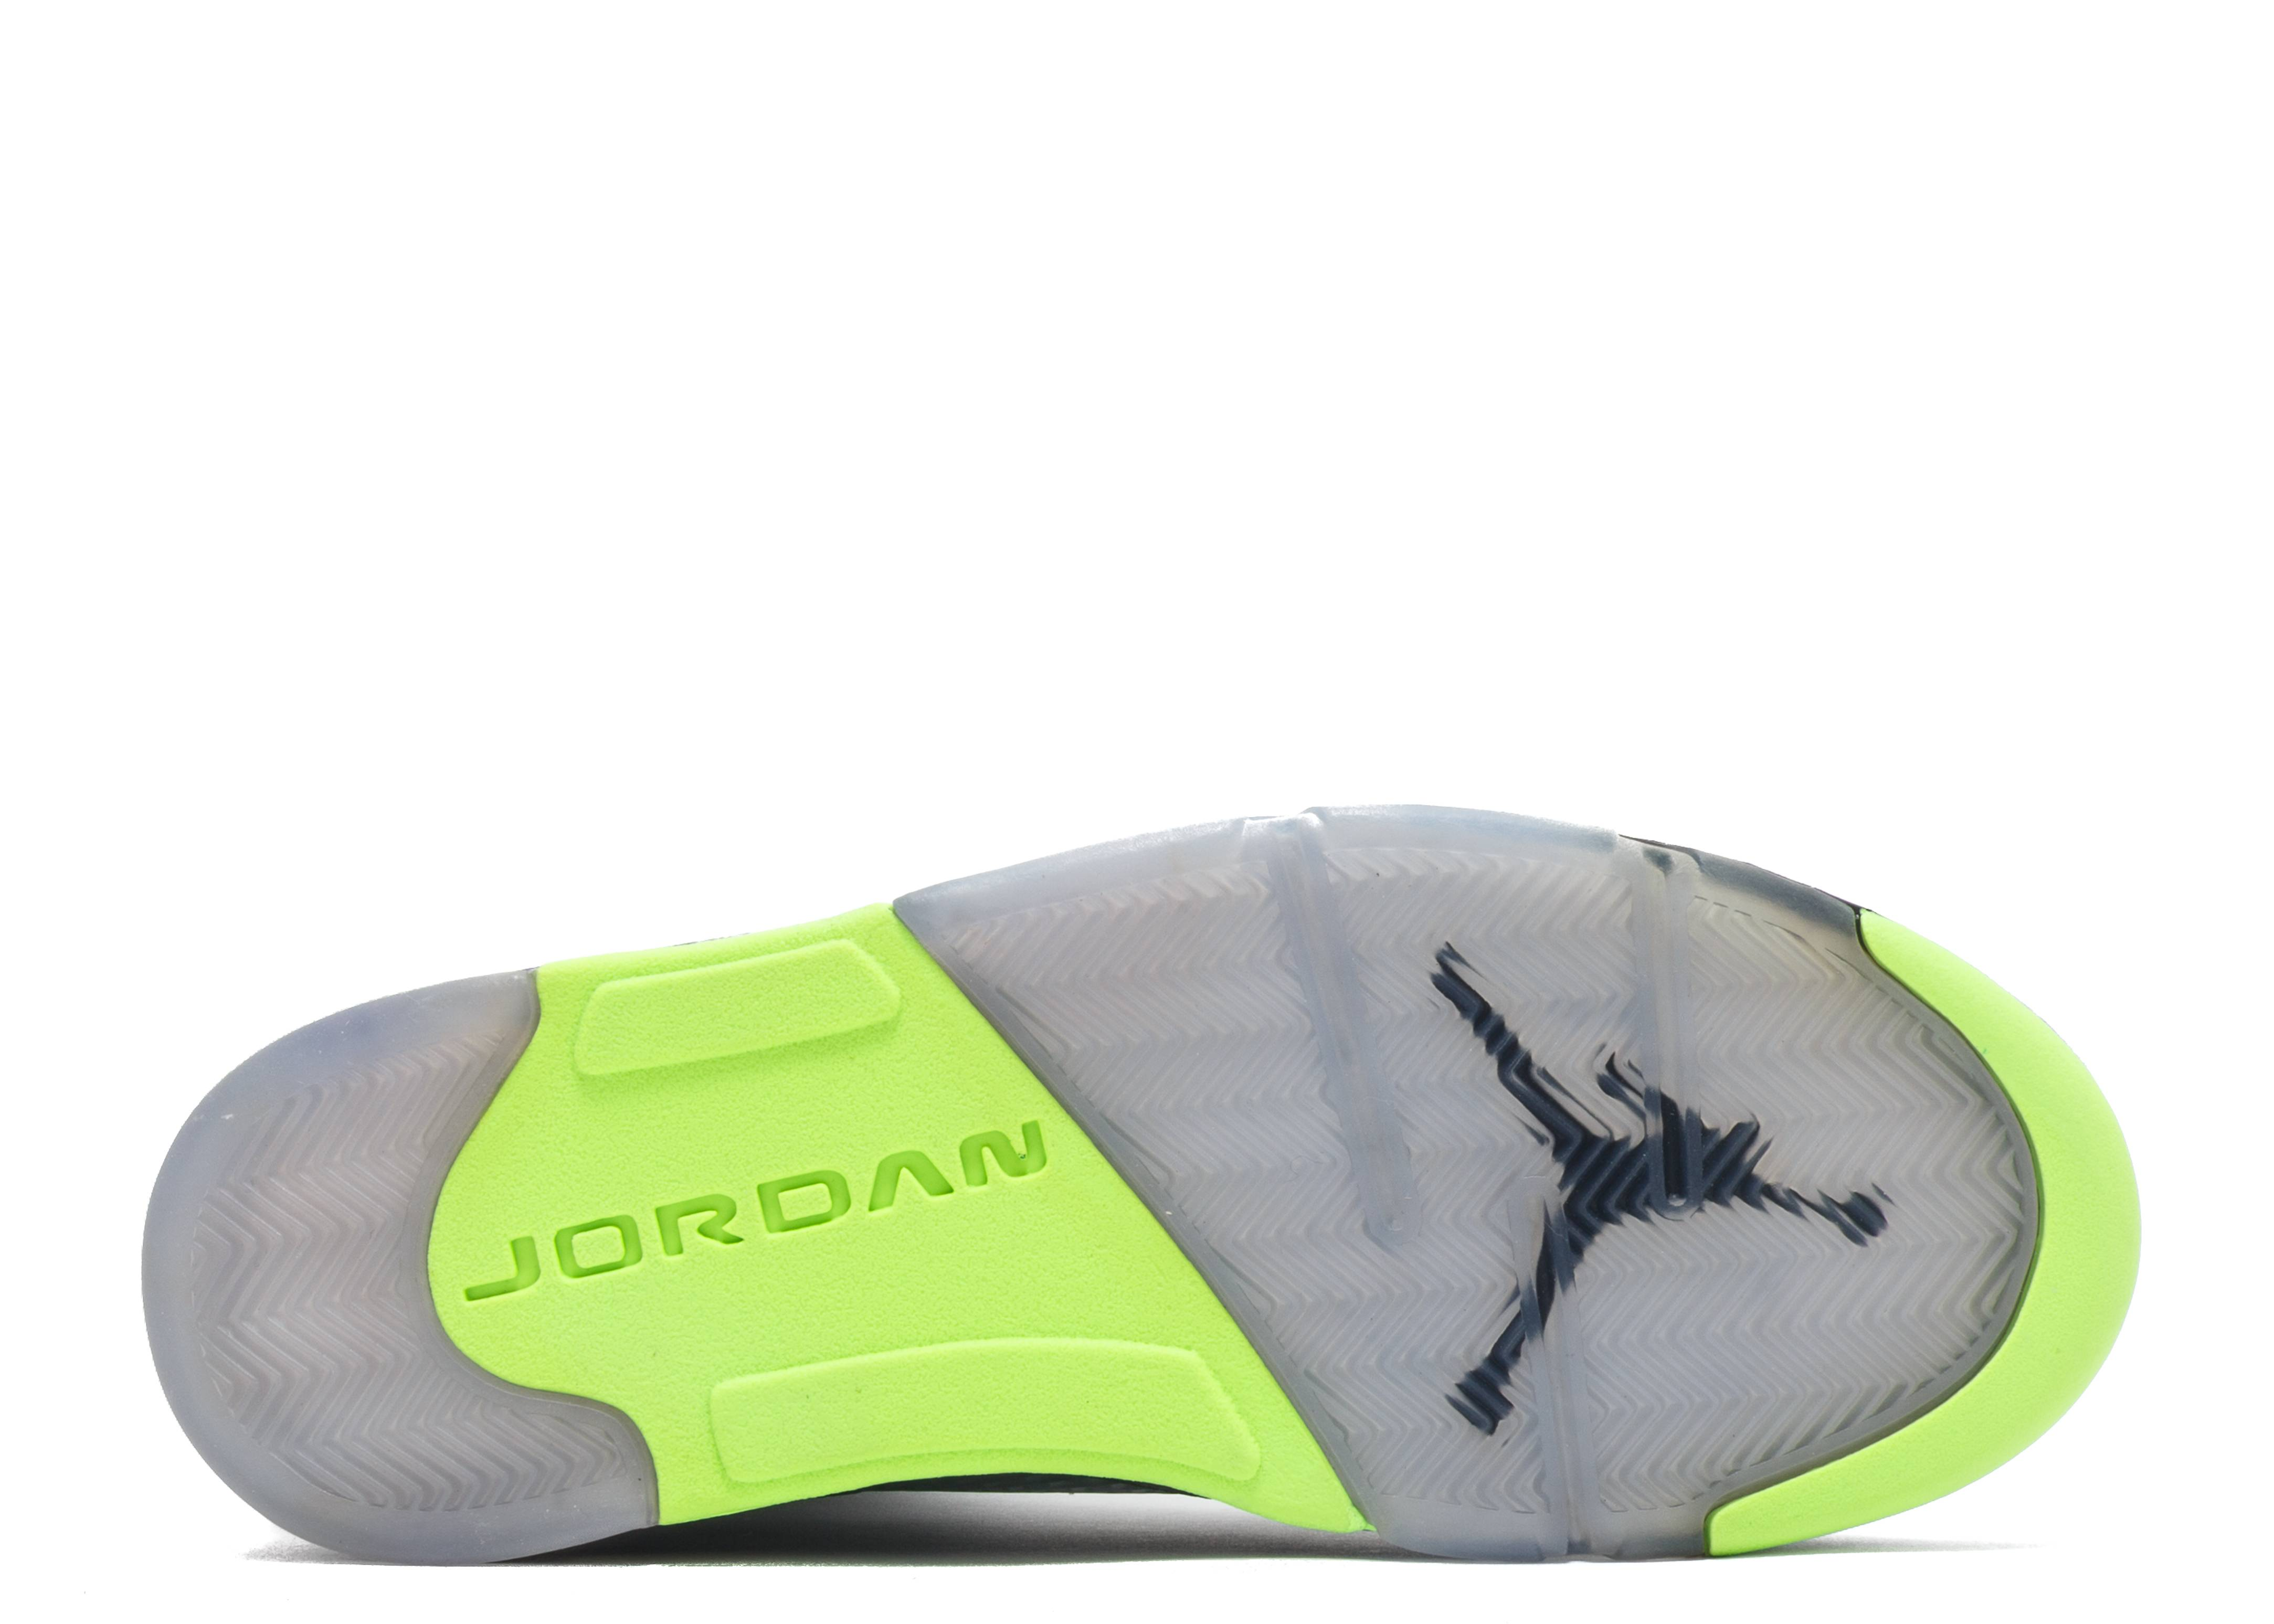 a93d6ab7eed Air Jordan 5 Retro